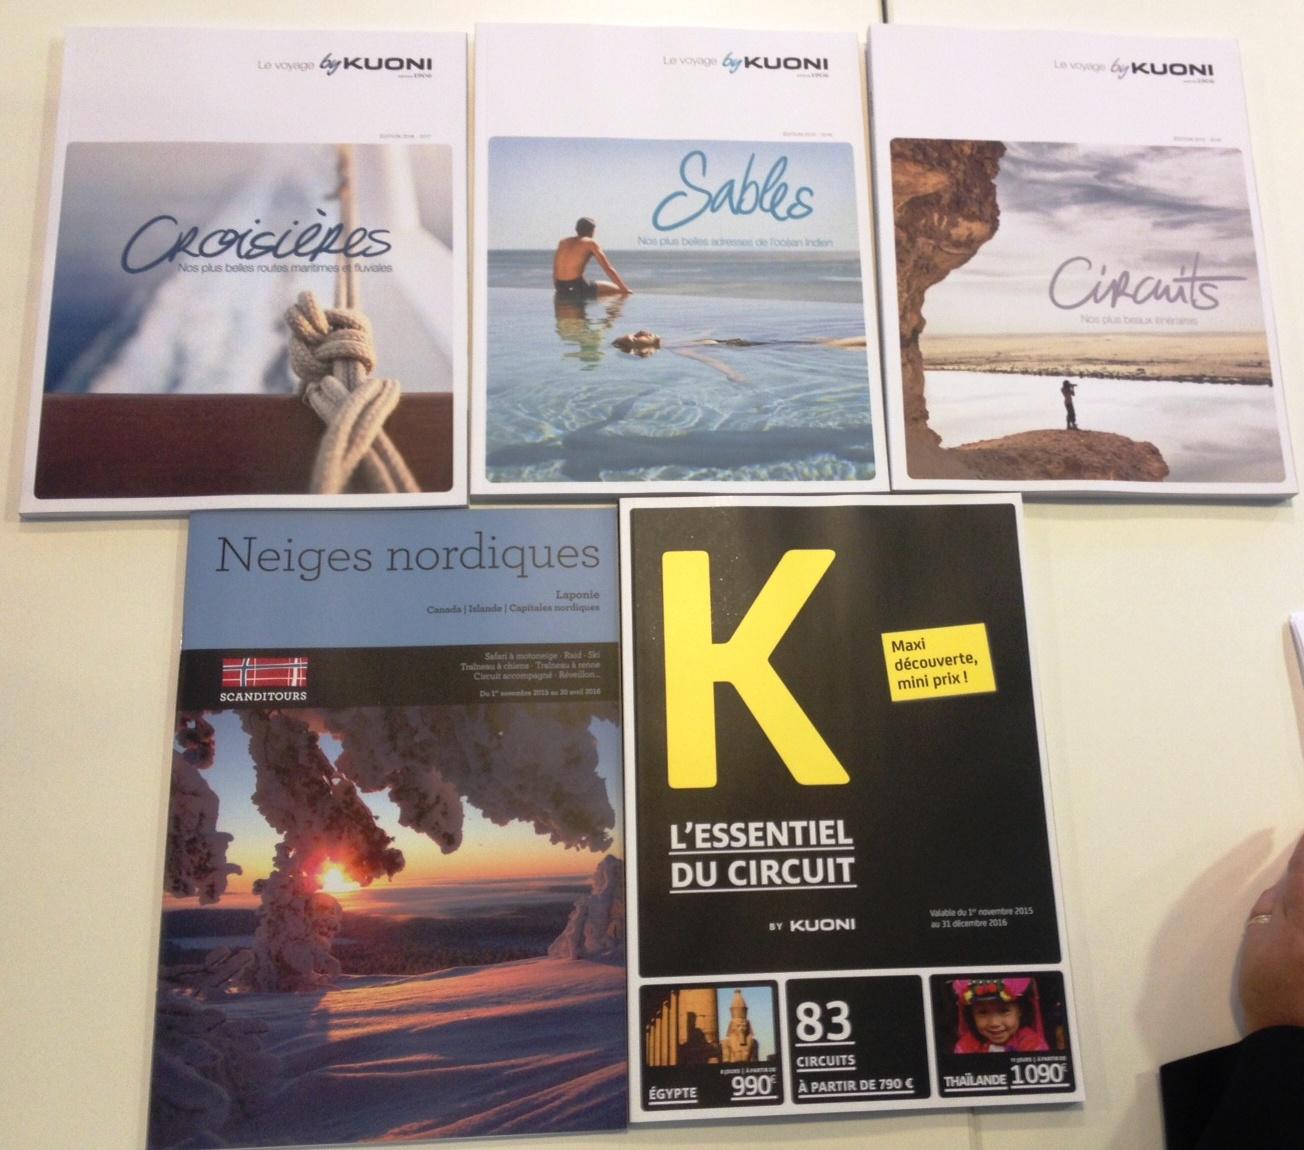 Les 5 brochures du groupe Travel Lab correspondent à segmentation de clientèle bien particulière. DR